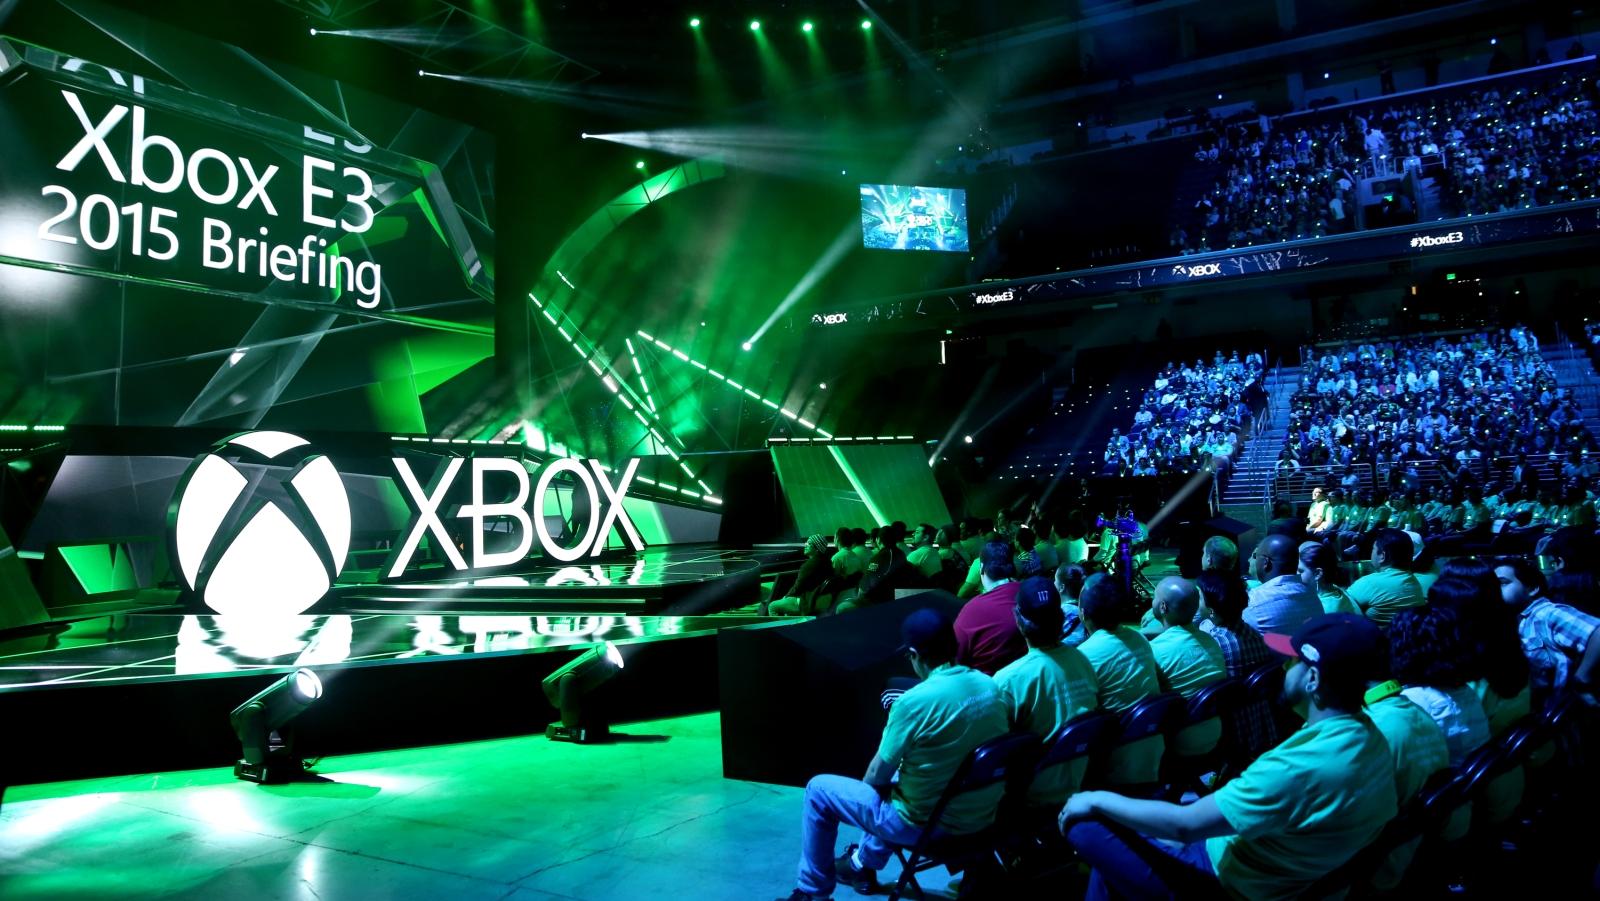 外媒称微软投巨资开发游戏和硬件 新主机需等三年